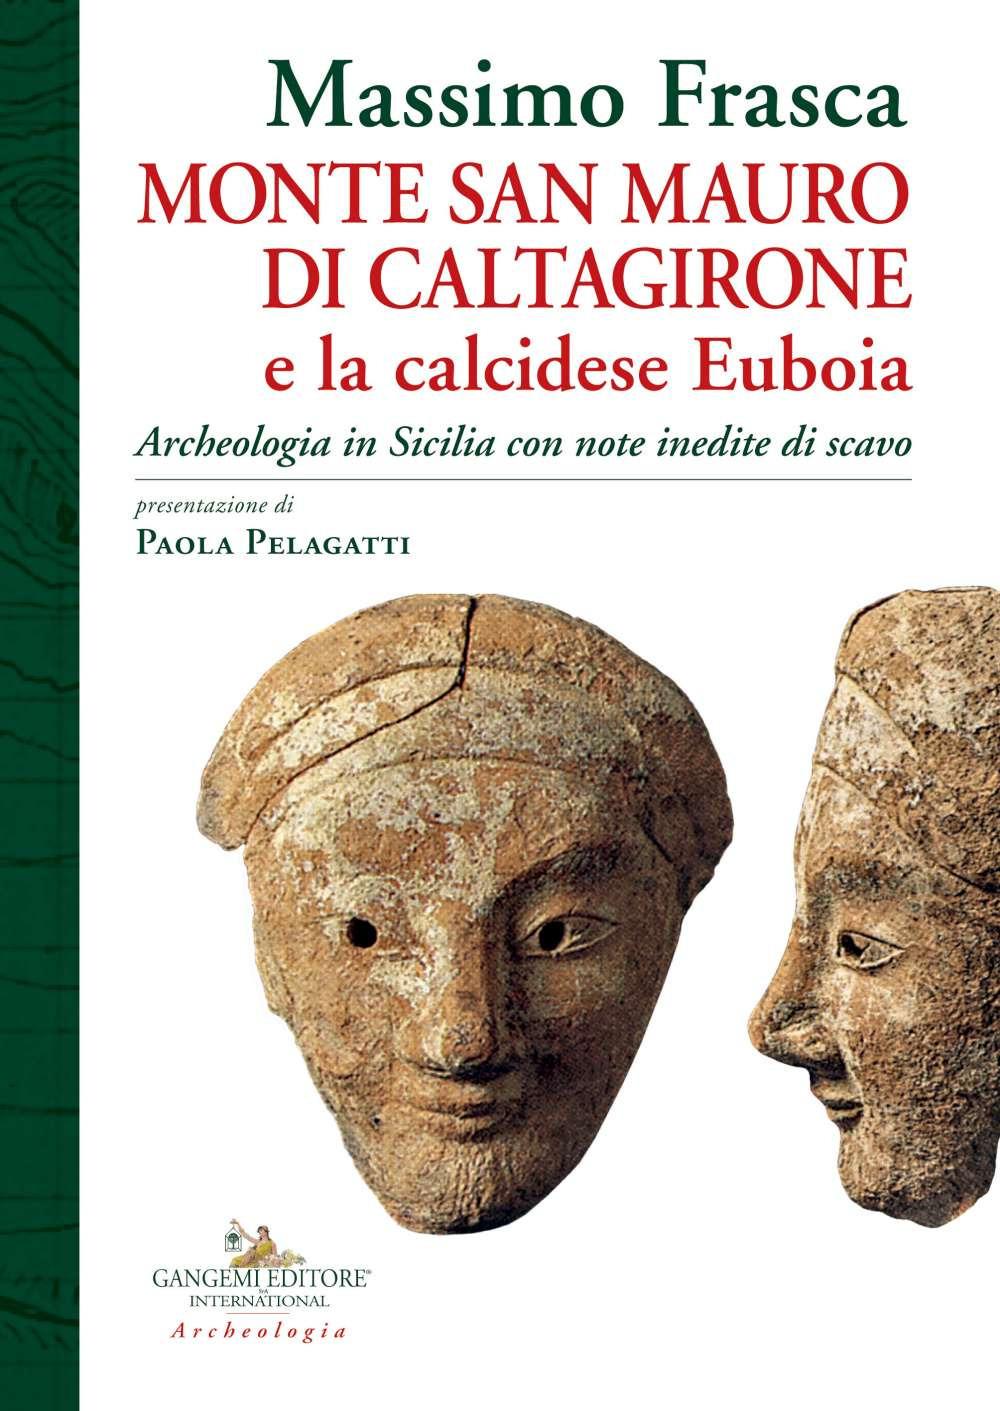 Image of Monte San Mauro di Caltagirone e la calcidese Euboia. Archeologia in Sicilia con note inedite di scavo